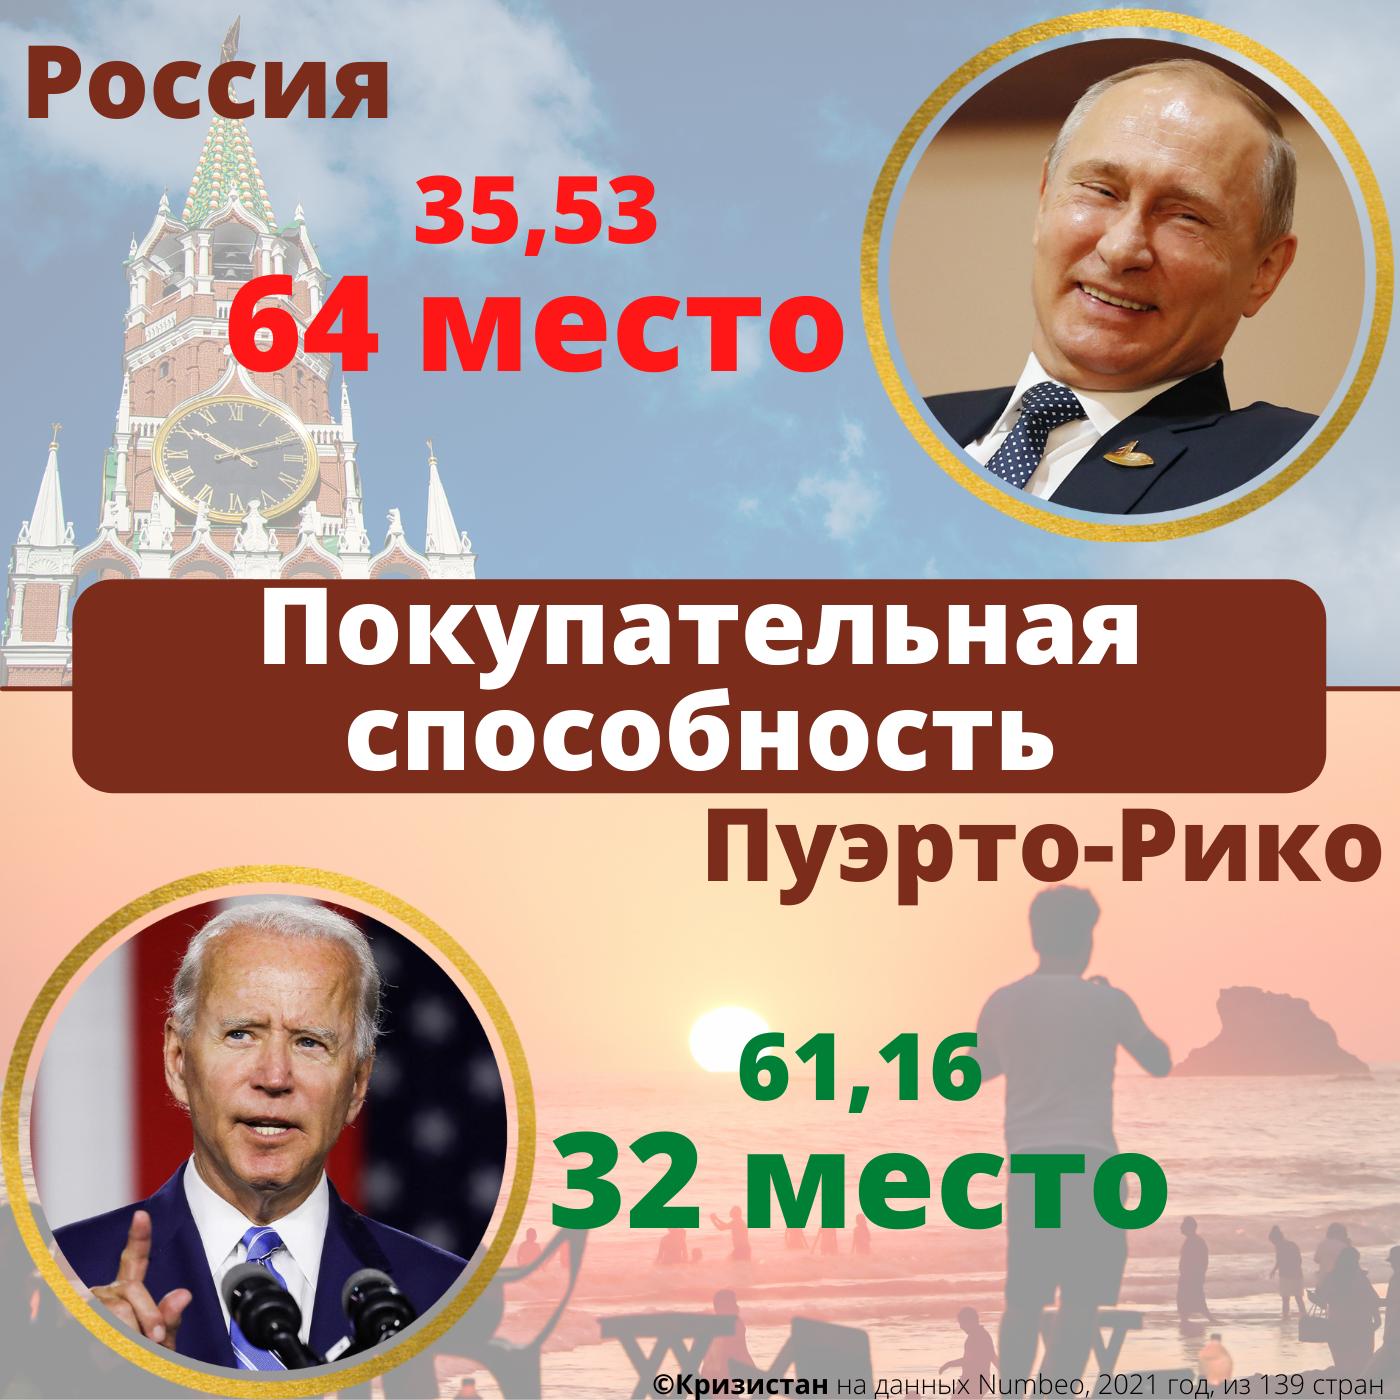 Покупательная способность населения в России и Пуэрто-Рико